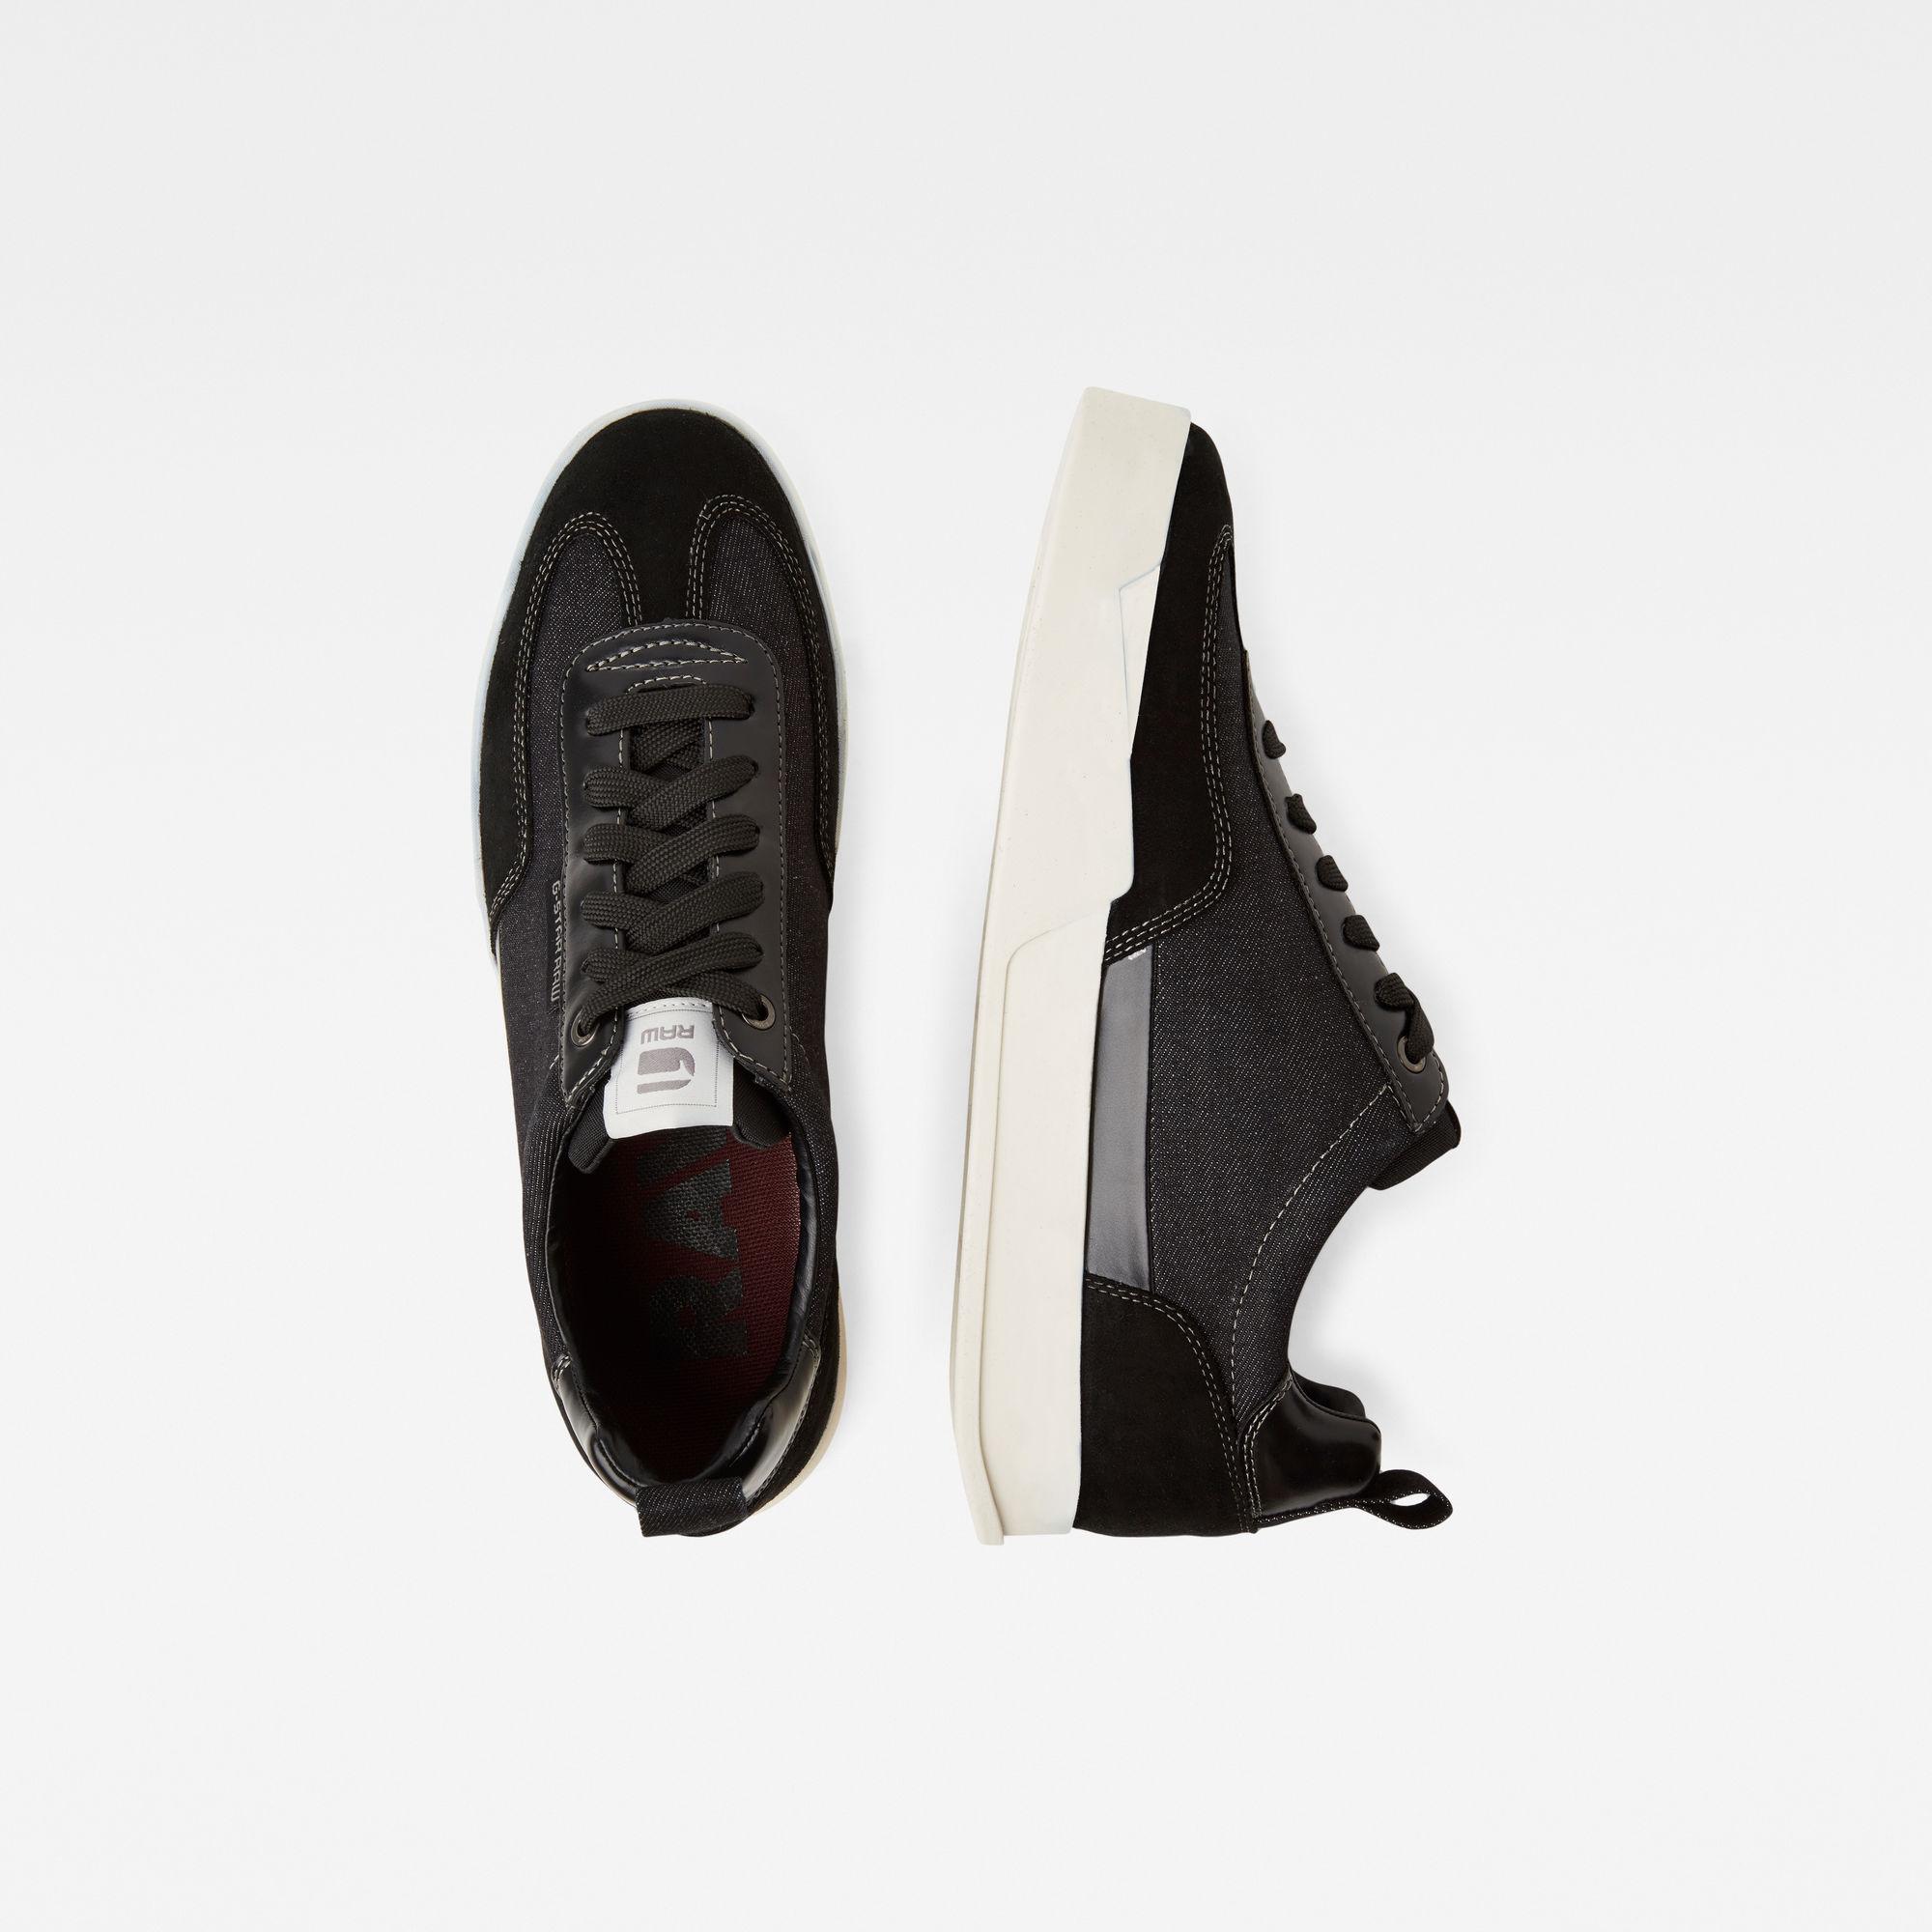 Rackam Dommic Sneakers